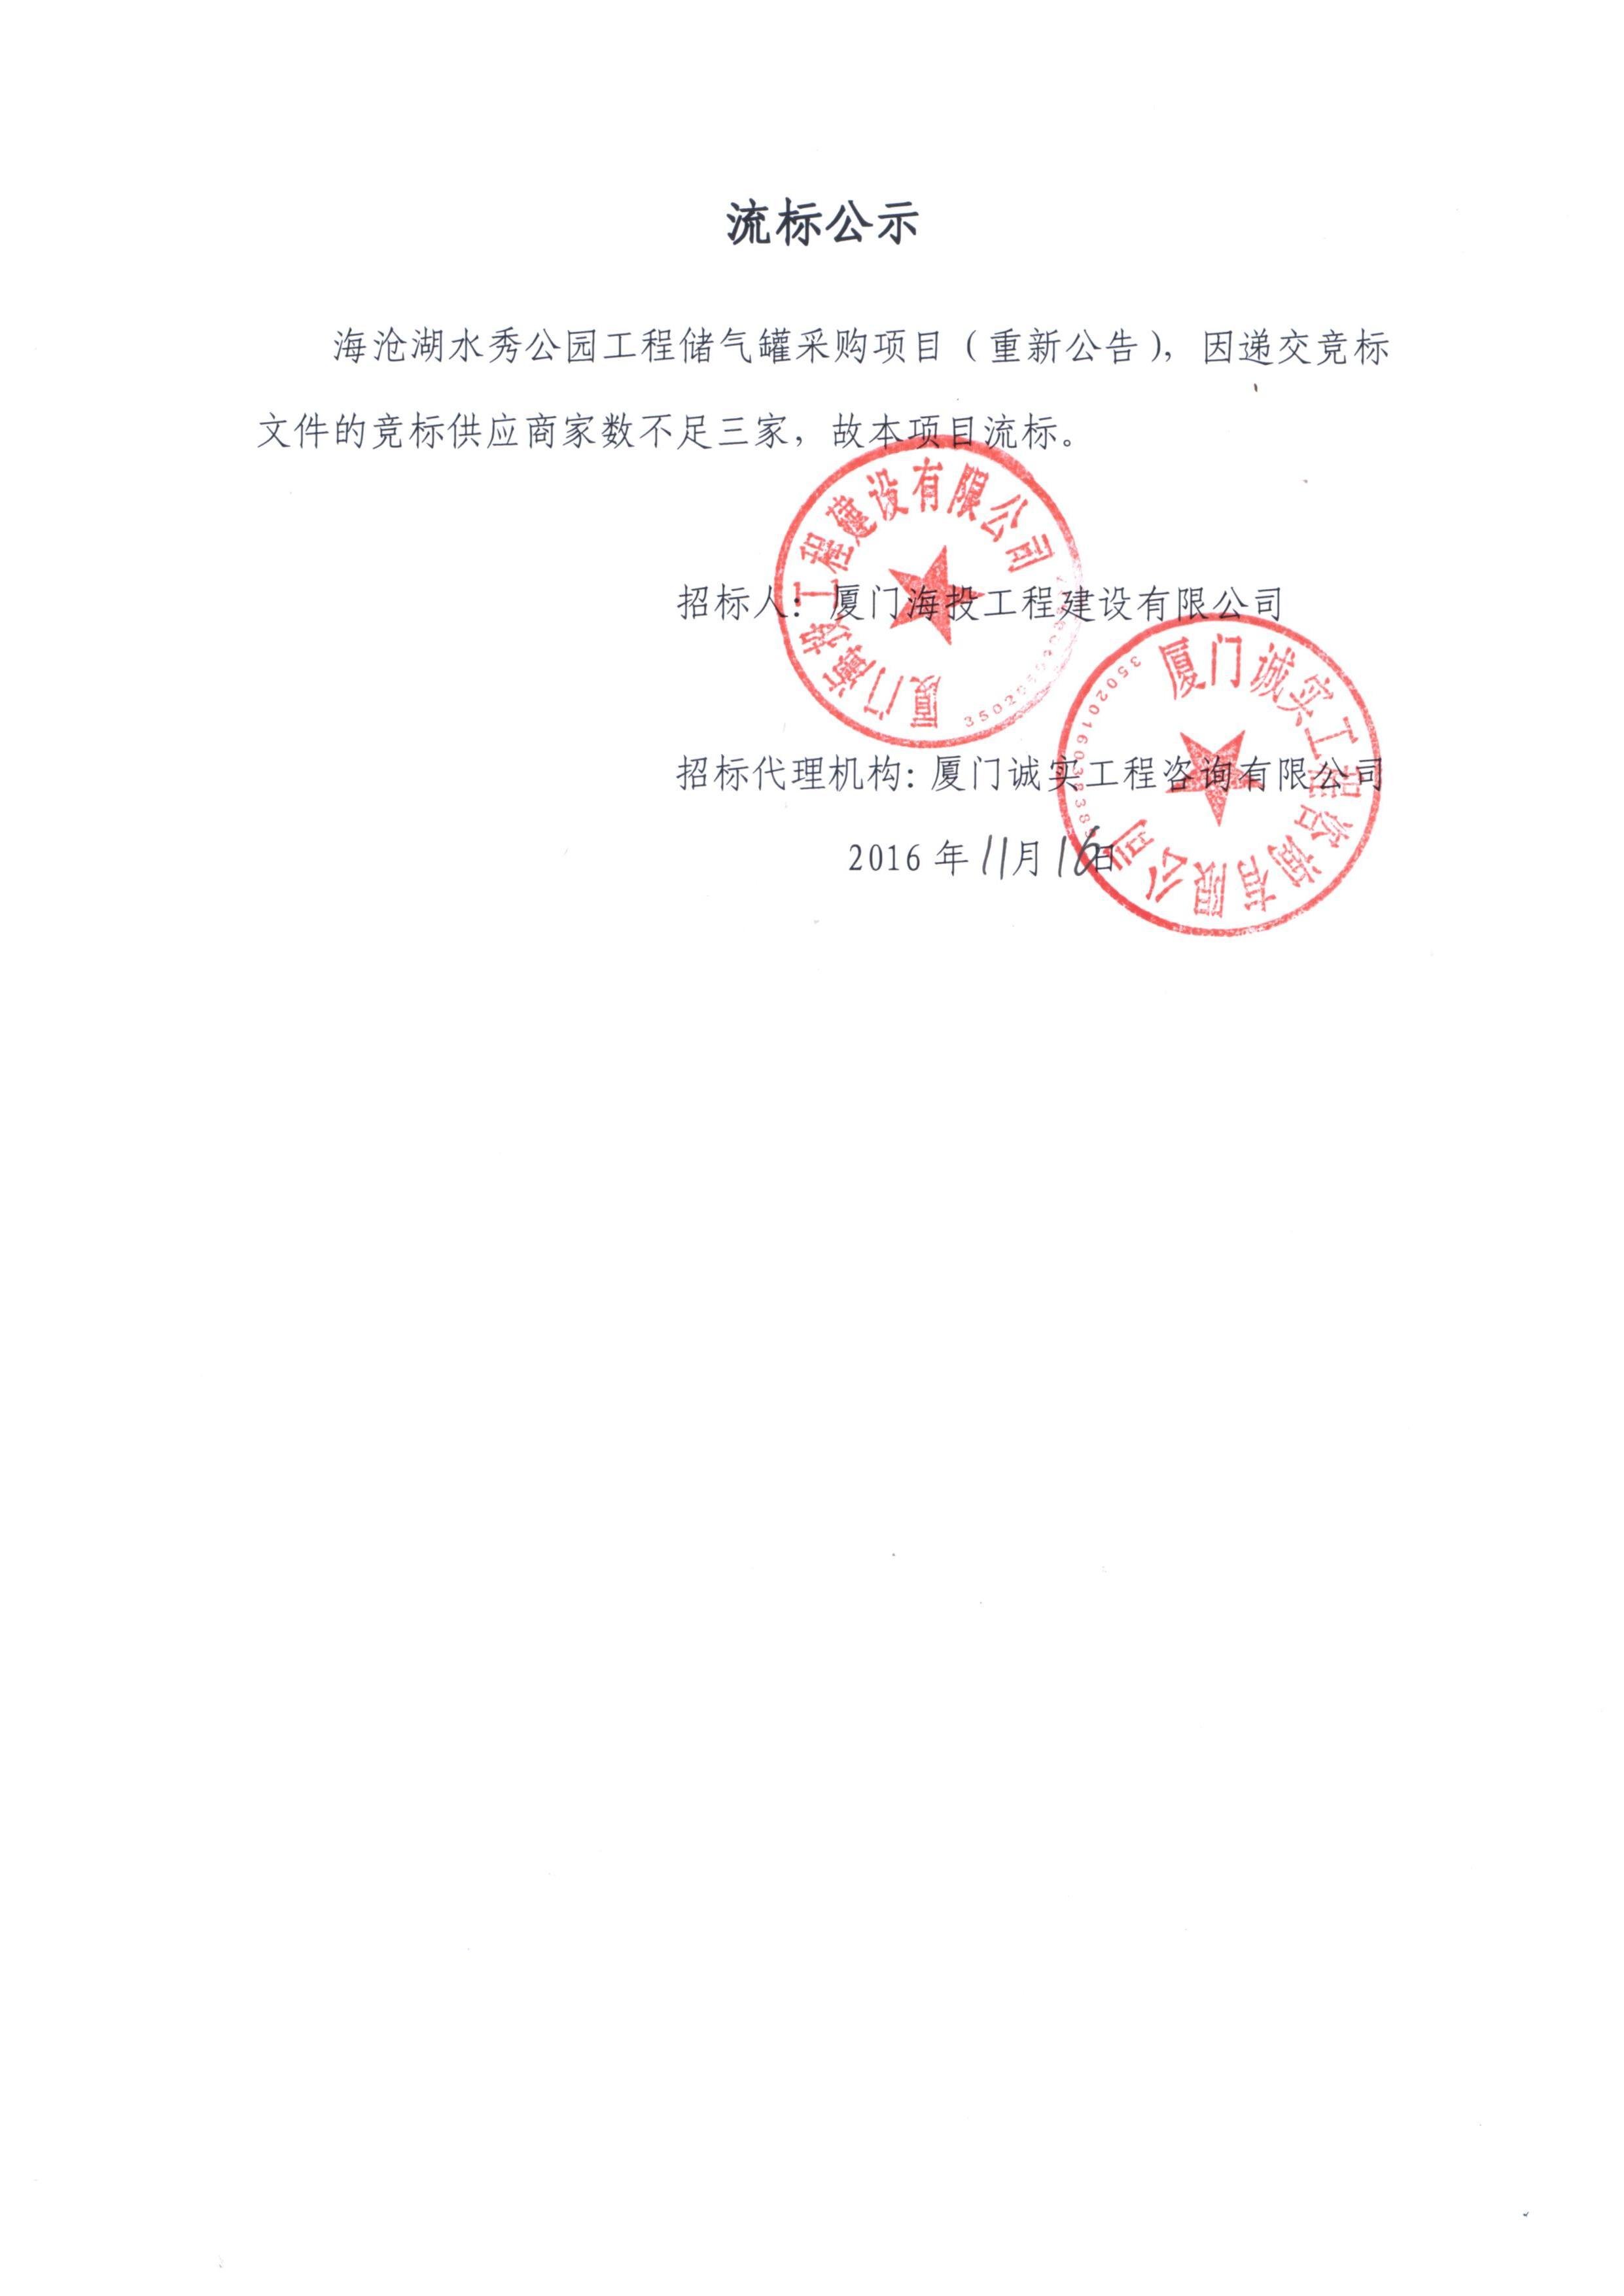 海沧湖水秀公园工程储气罐采购项目(重新公告)流标公示.jpg